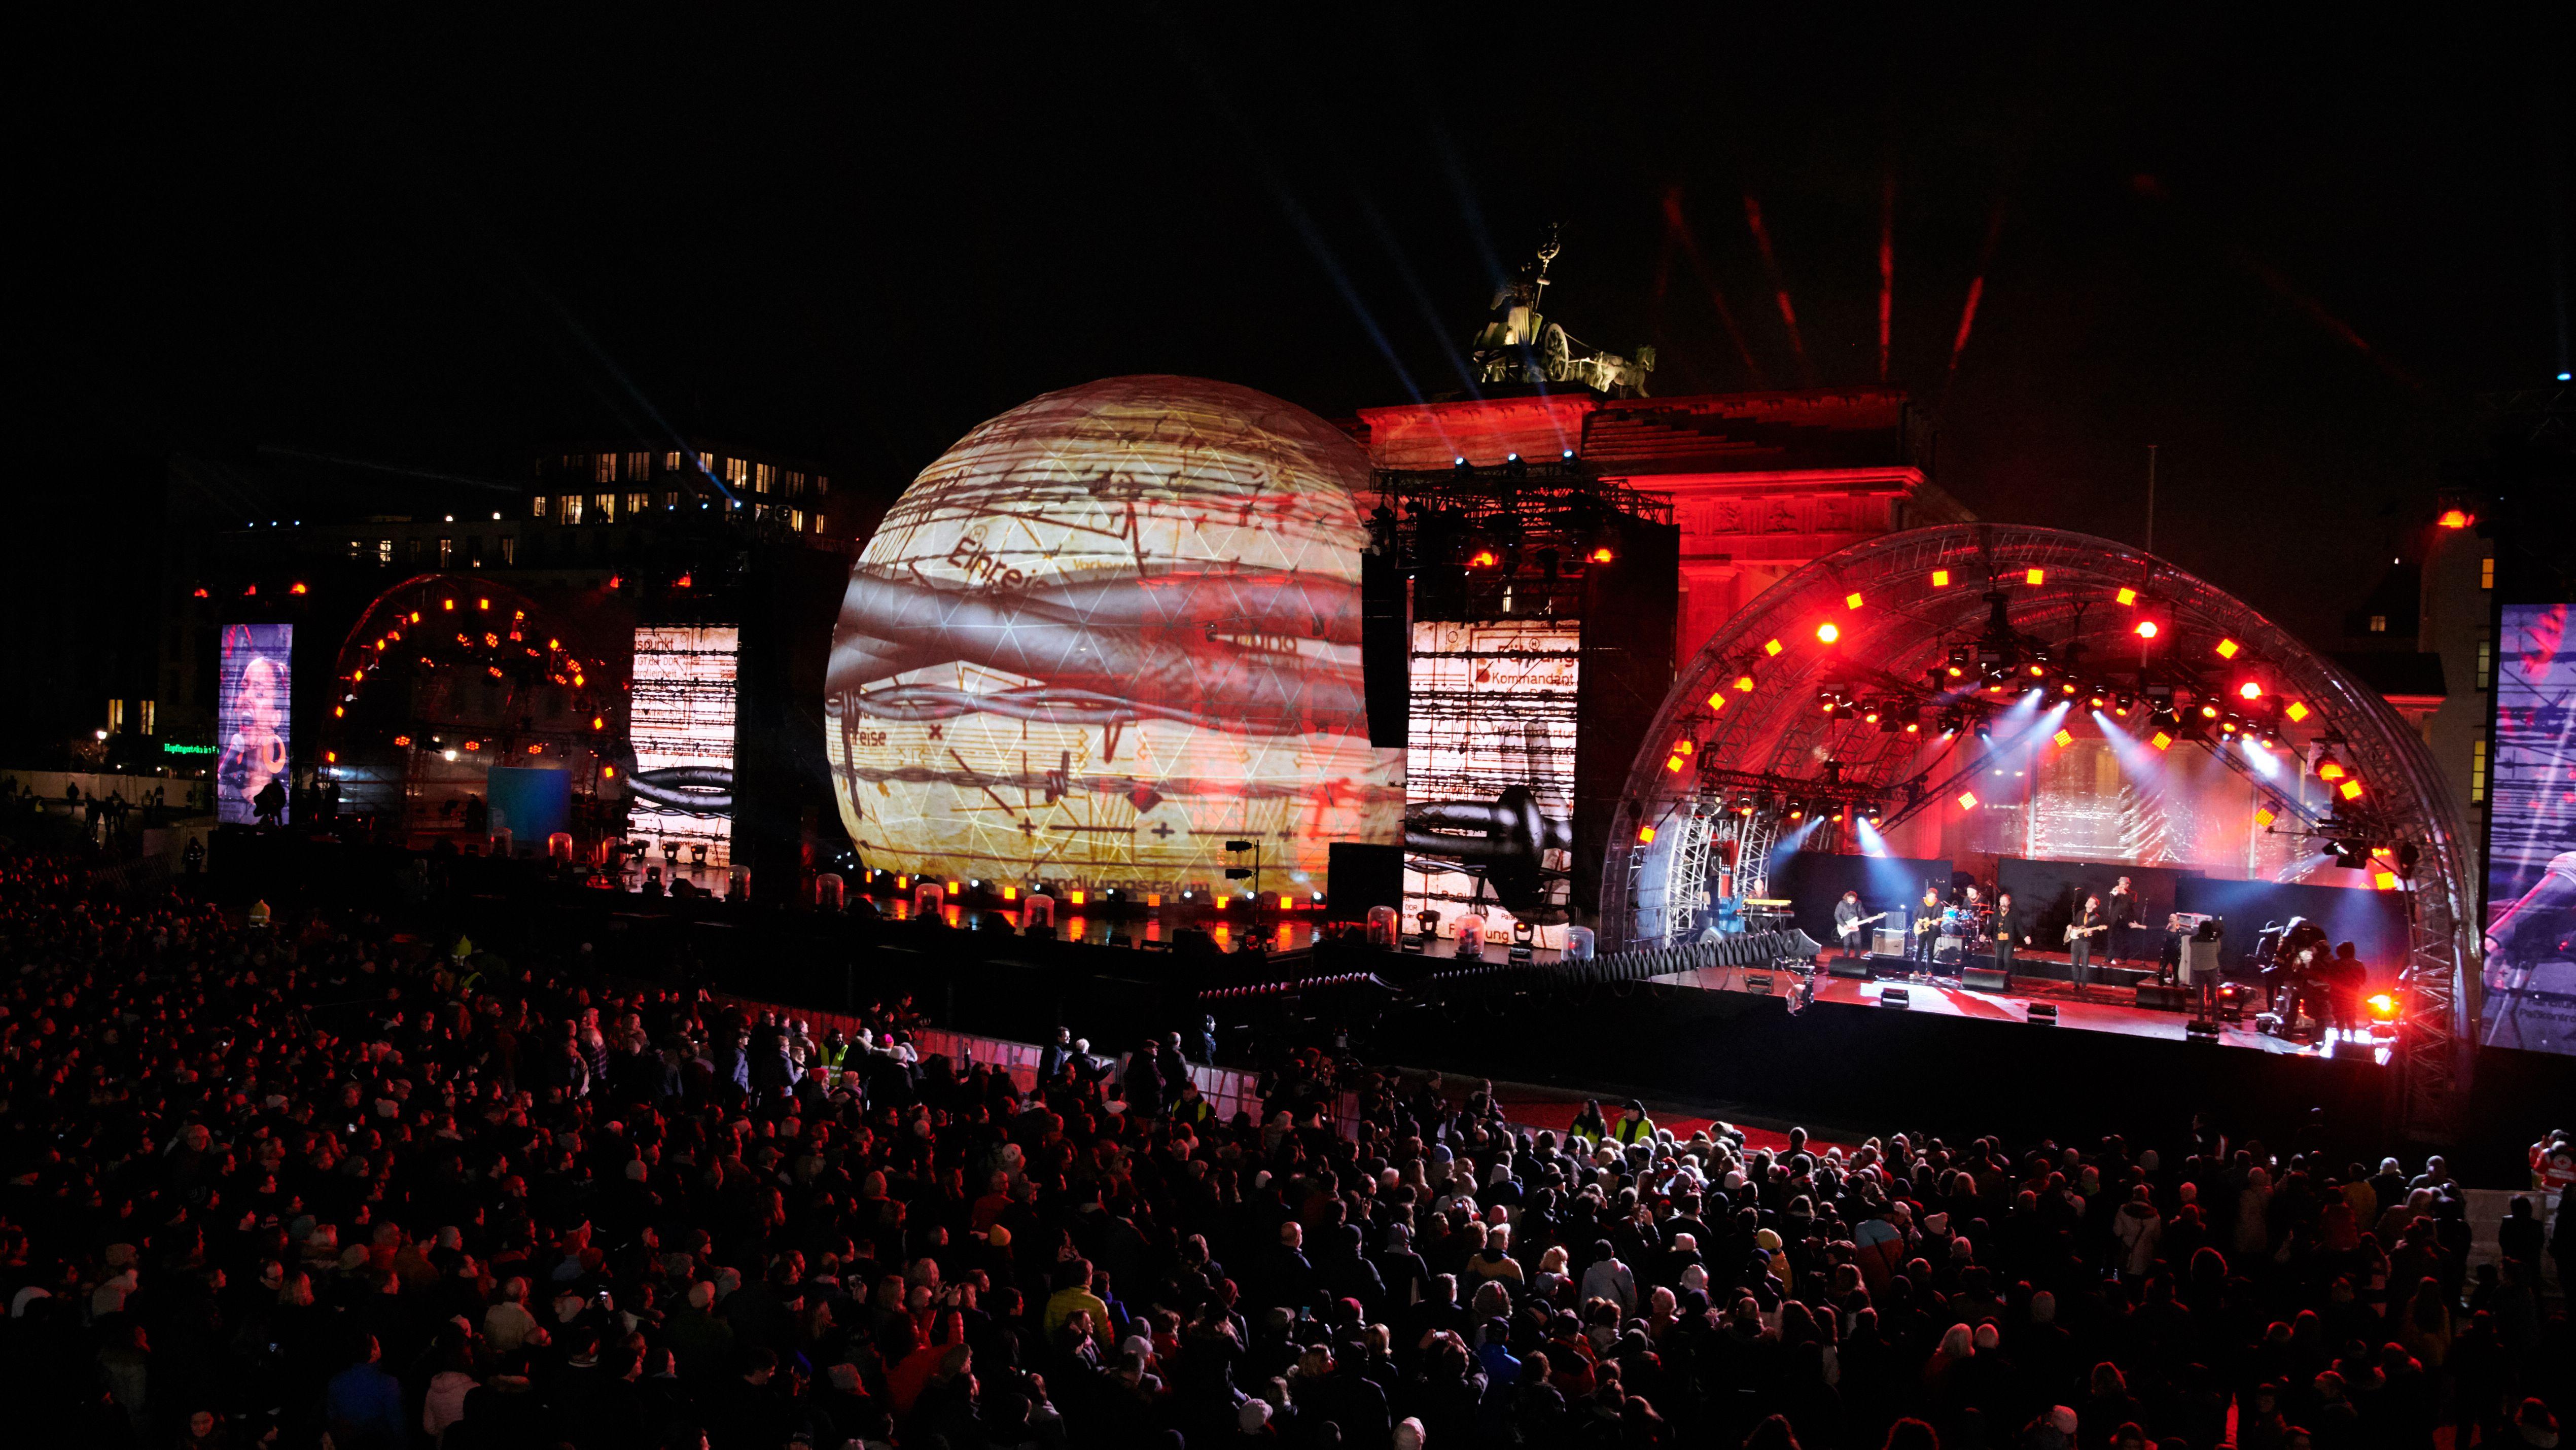 In Berlin spielt die Musik auf der großen Bühne am Brandenburger Tor.